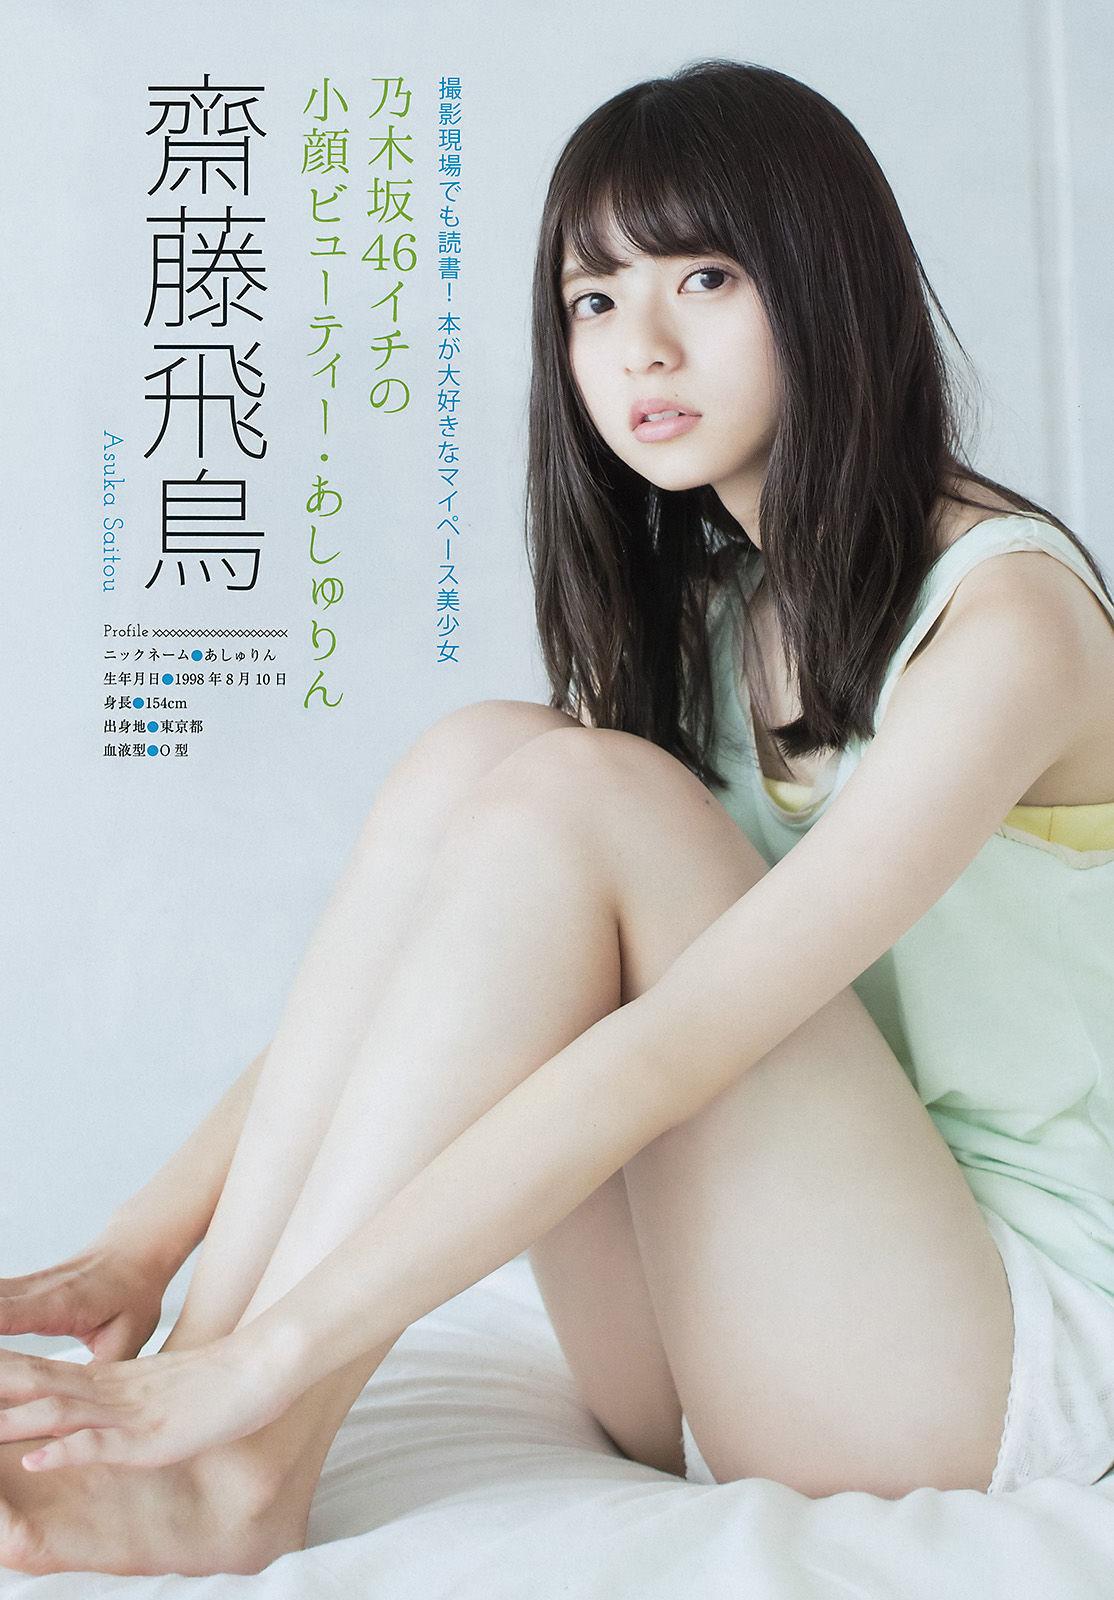 VOL.983 [Young Magazine]姐妹花:西野七濑超高清写真套图(11P)